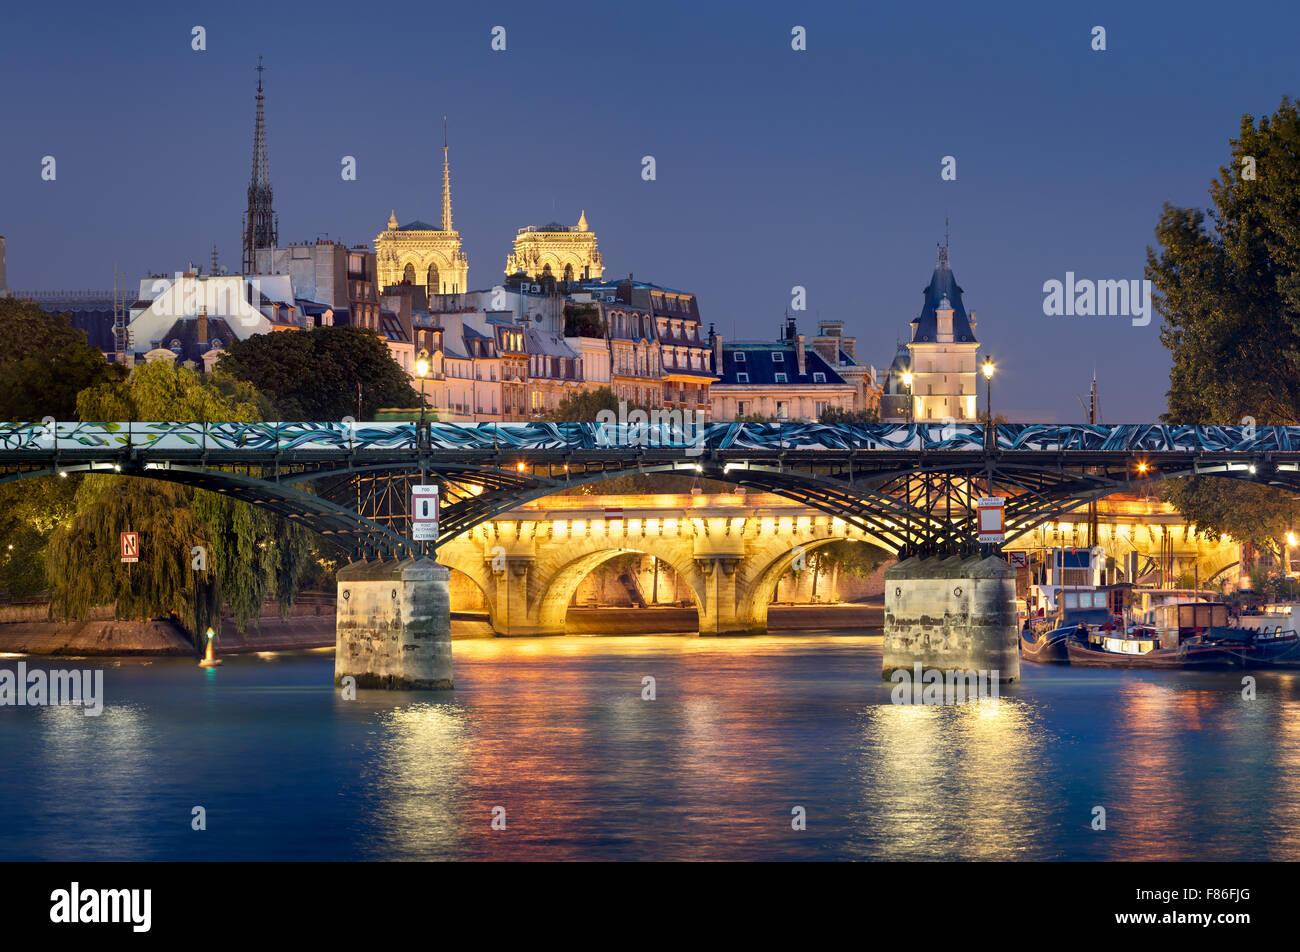 Pont des Arts, Pont Neuf, Notre Dame de Paris torri della cattedrale e il fiume Senna. Illuminata vista serale. Immagini Stock